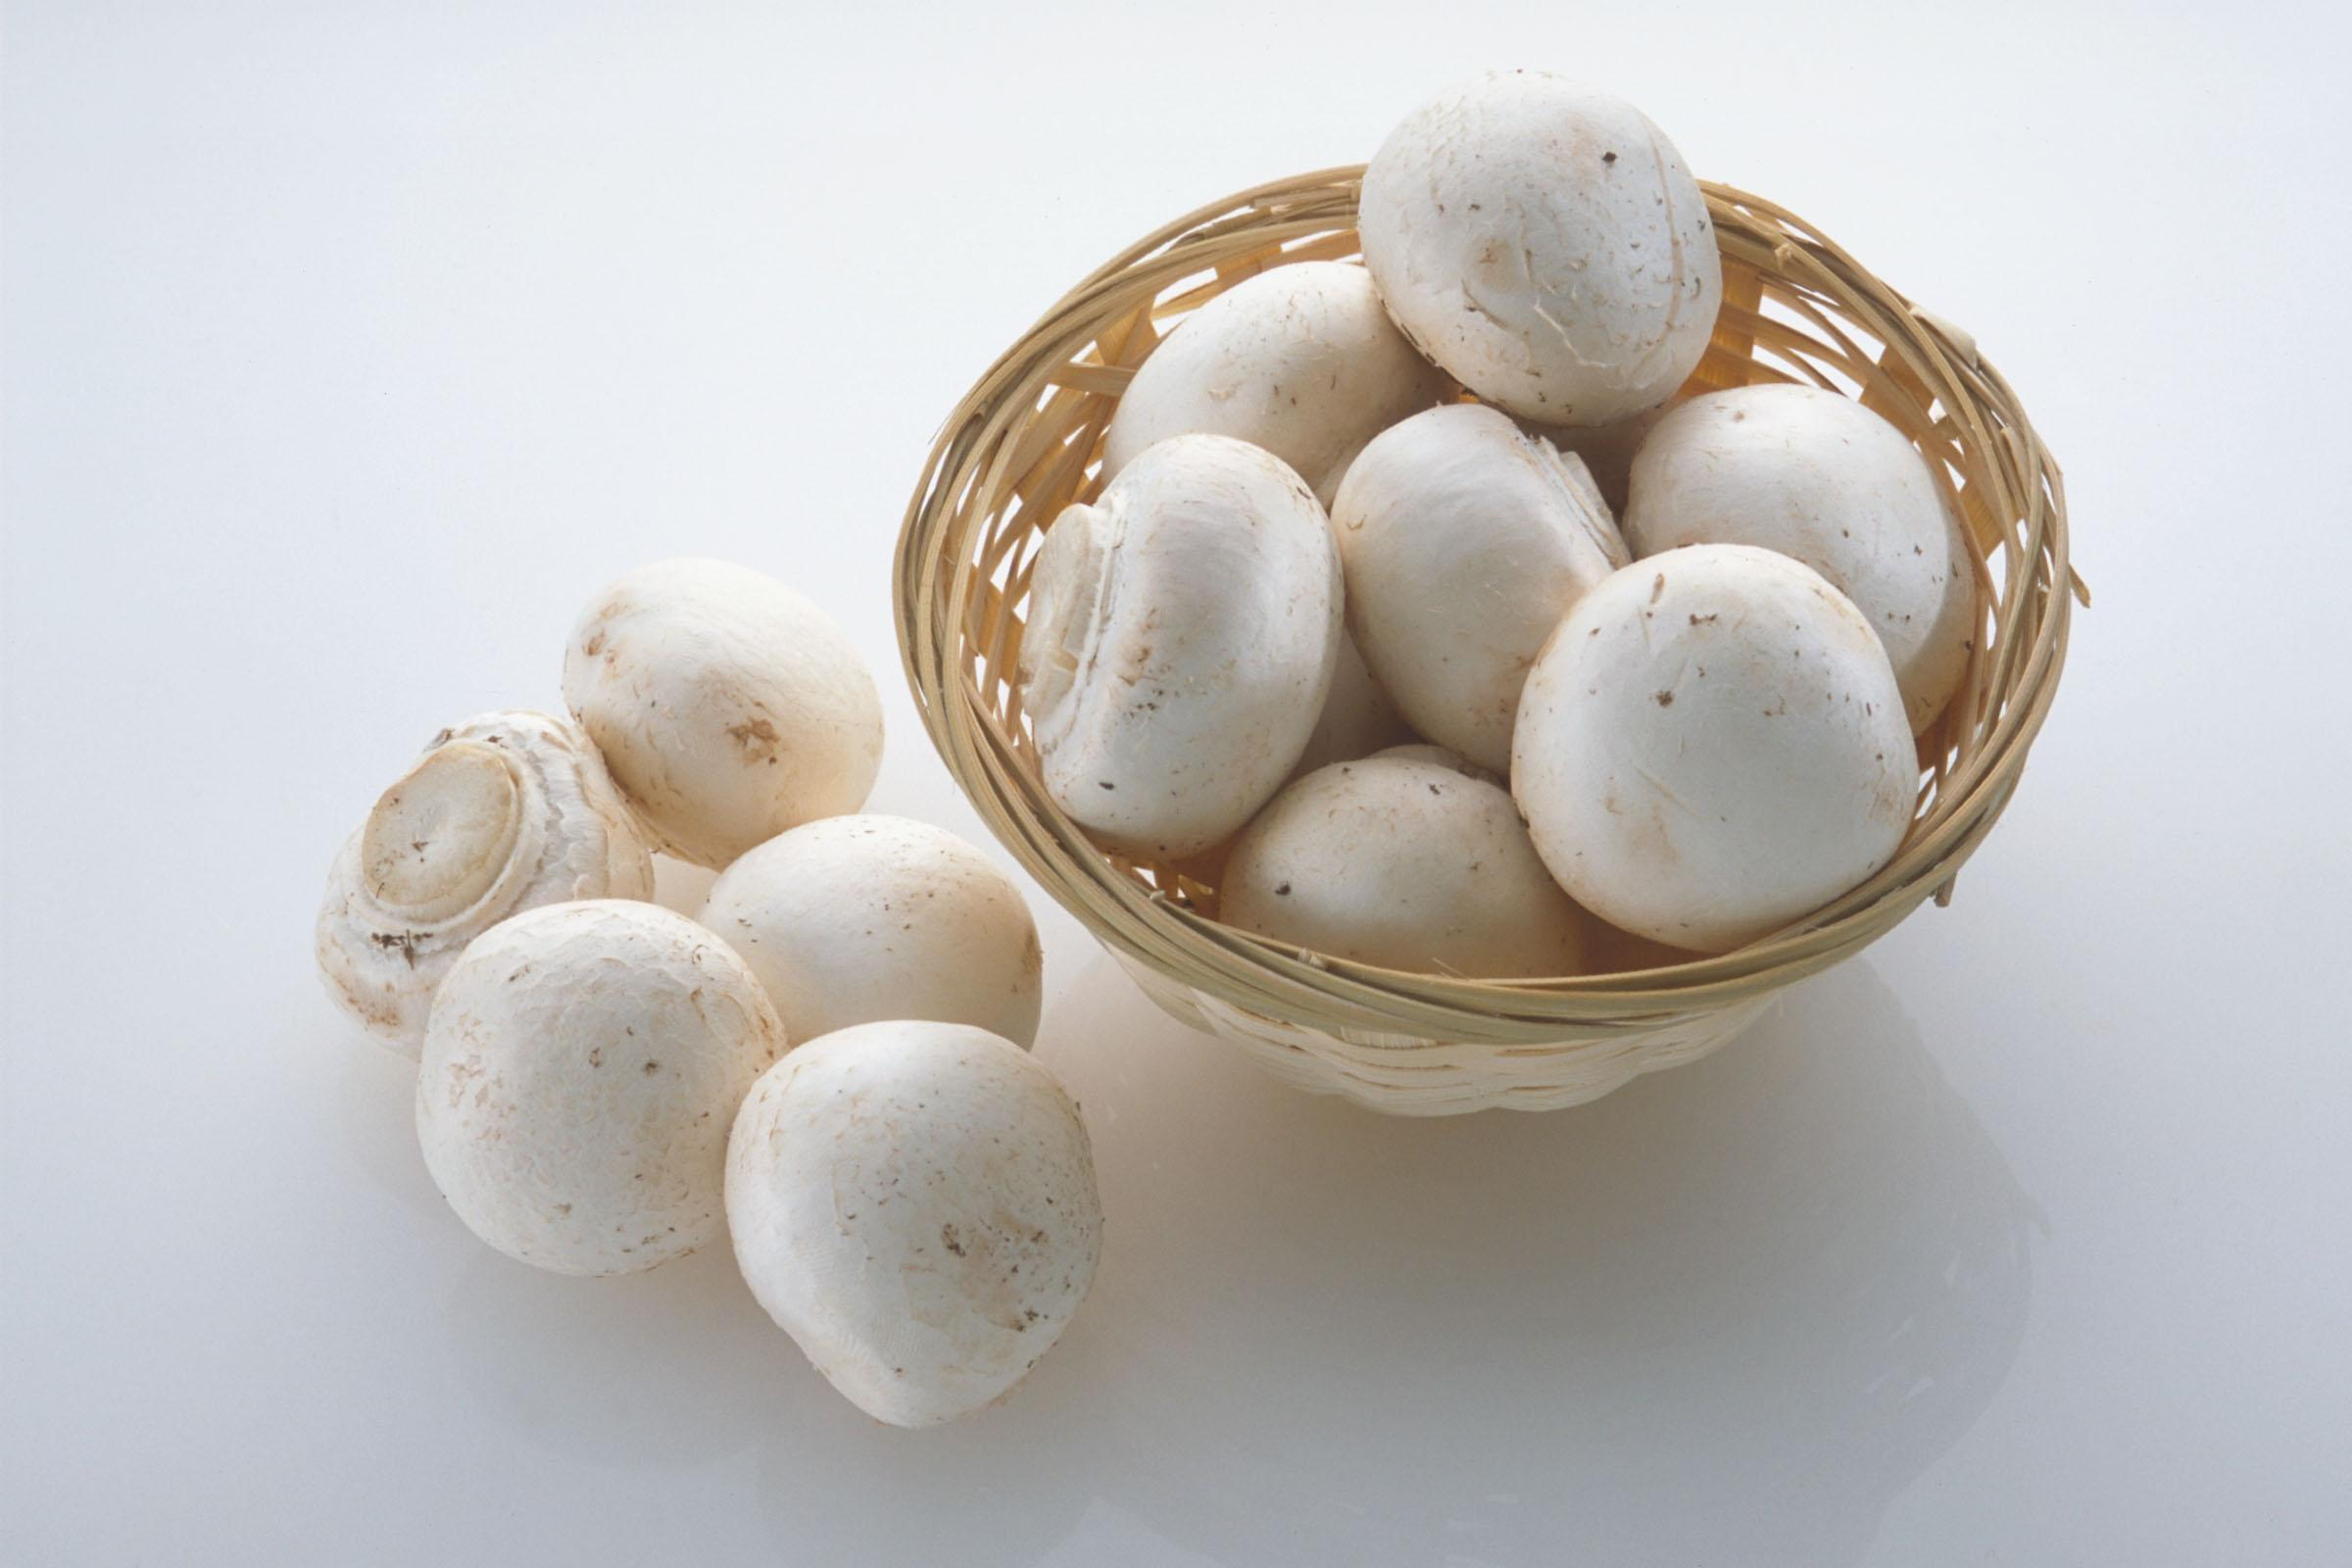 روشهای نگهداری و سفید نگه داشتن قارچ